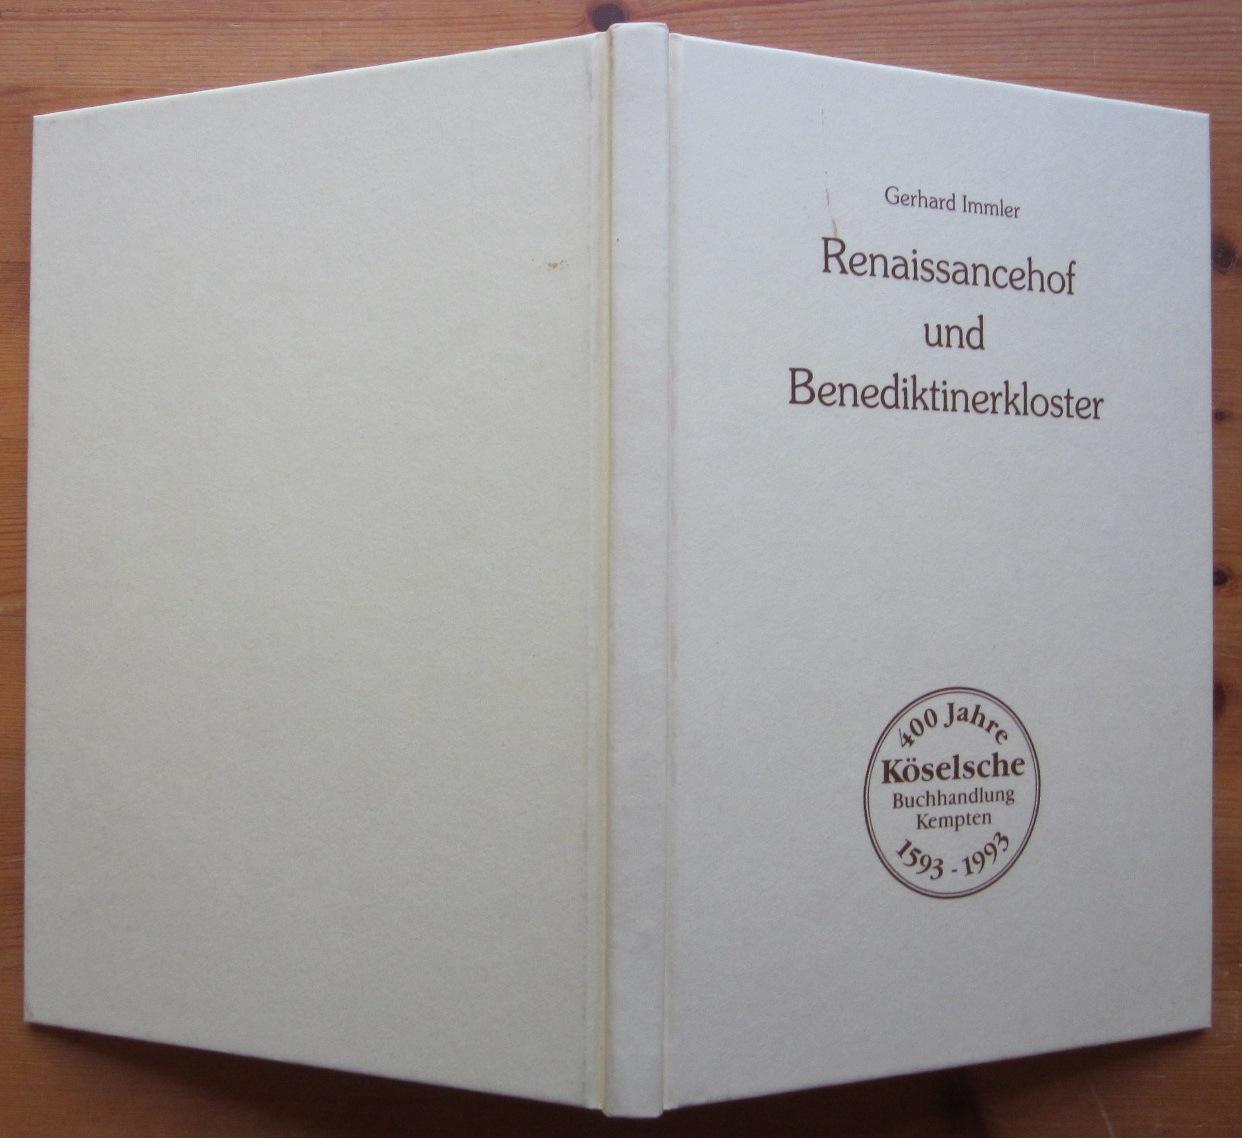 Renaissancehof und Benediktinerkloster. Eine kleine Geschichte des: Kempten.- Immler, Gerhard: